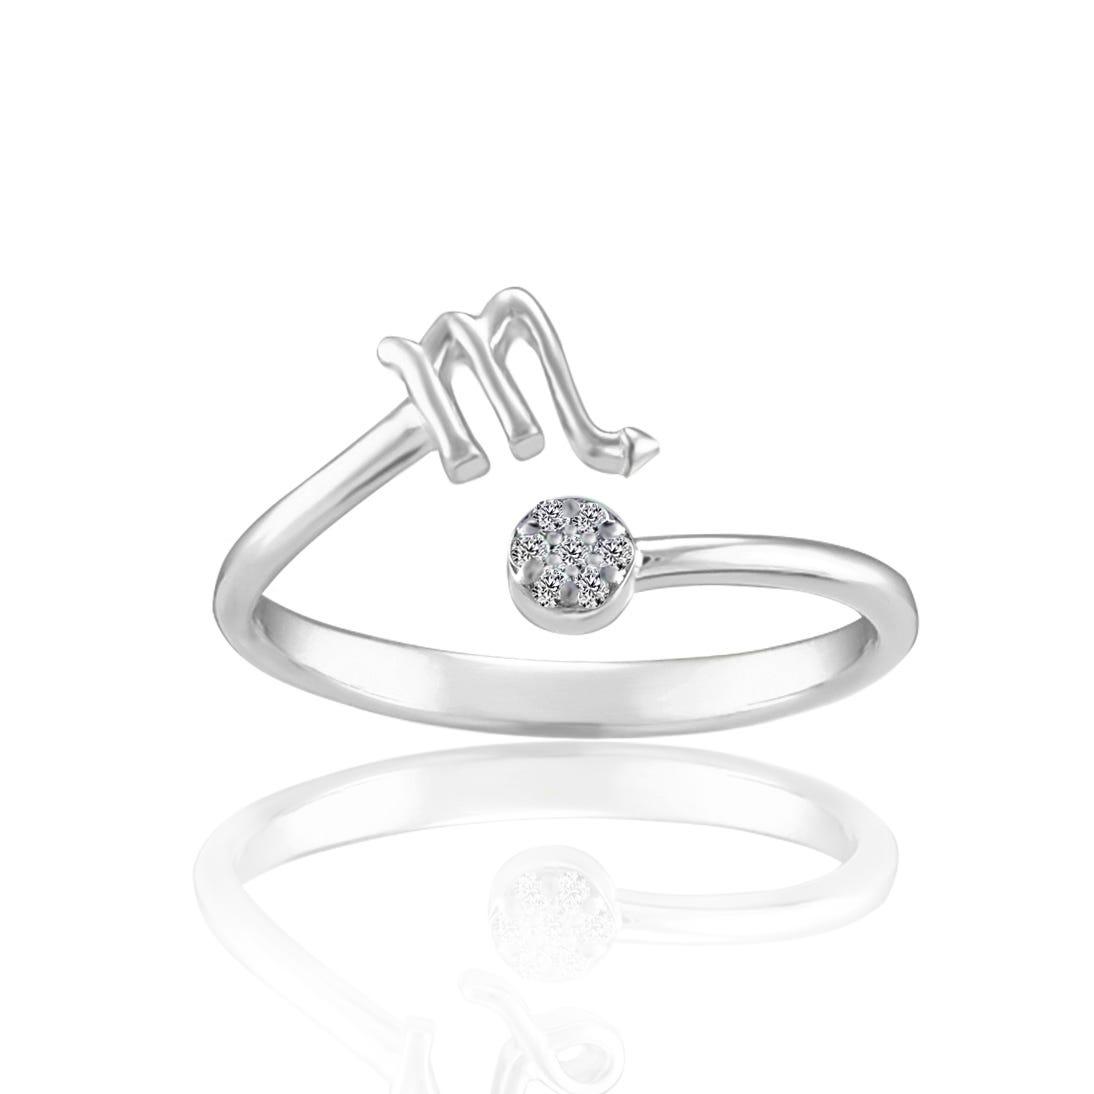 Zodiac Diamond Scorpio Fashion Ring in Sterling Silver